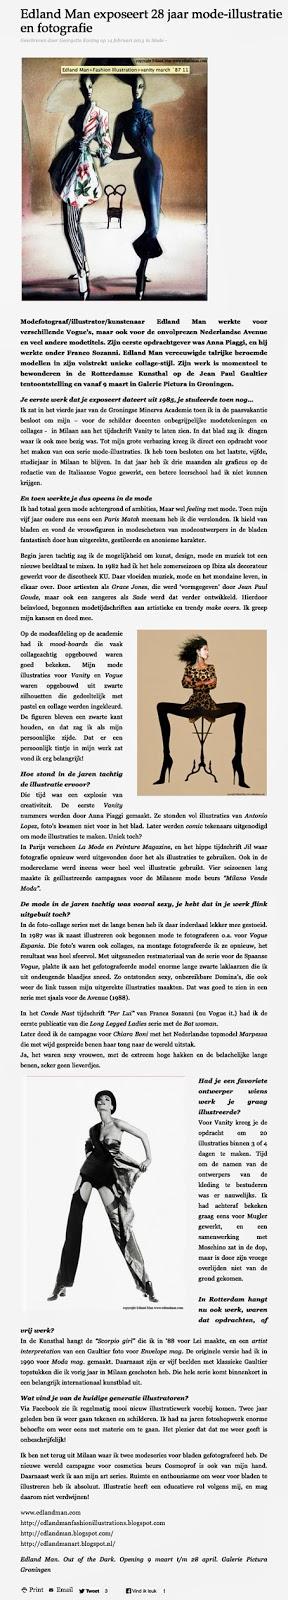 http://www.independentfashiondaily.com/7852/edland-man-exposeert-ruim-25-jaar-mode-illustratie-en-fotografie/